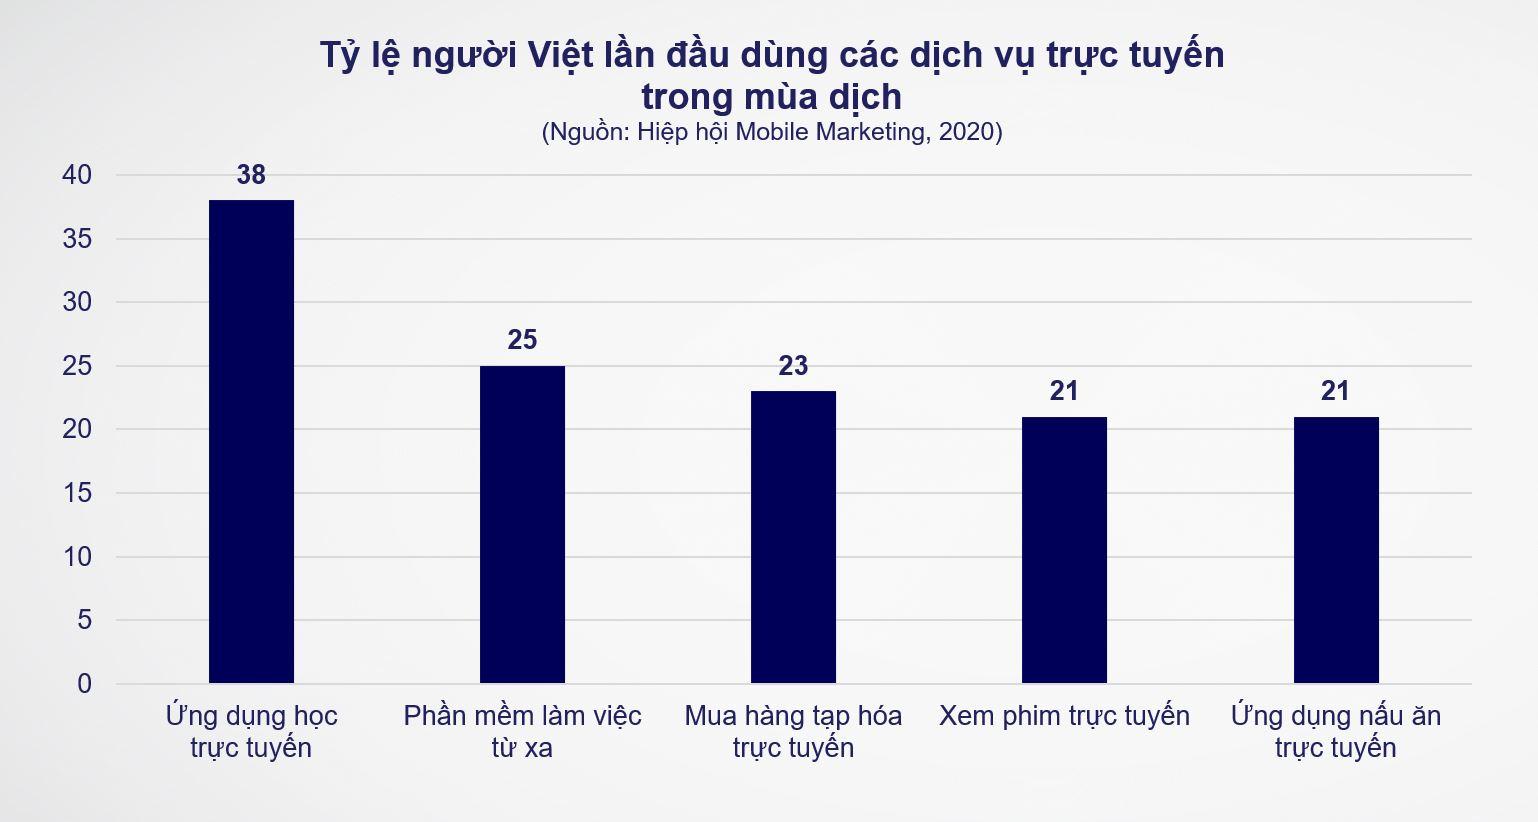 Một khảo sát gần đây của Hiệp hội Mobile Marketing cho thấy các dịch vụ kỹ thuật số đã trải qua đợt tăng trưởng mới trong đại dịch.